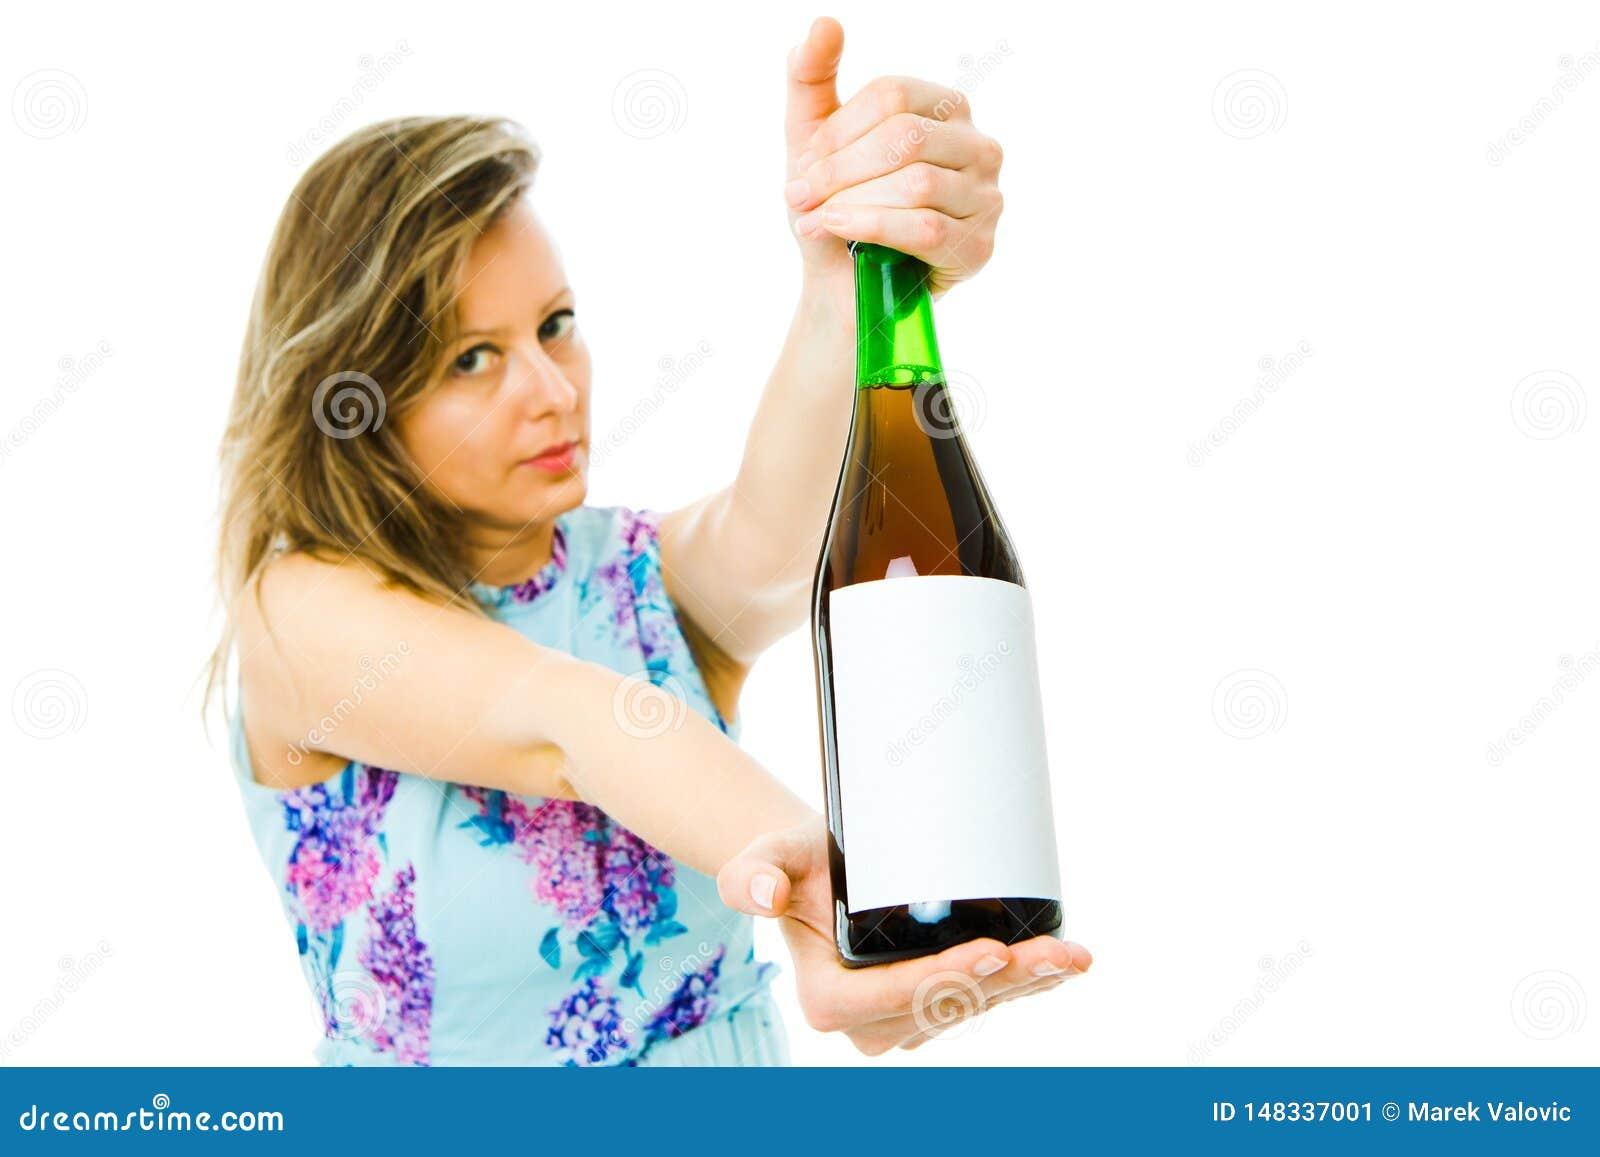 Una botella de la demostración de la mujer de vino espumoso rojo con etiqueta en blanco